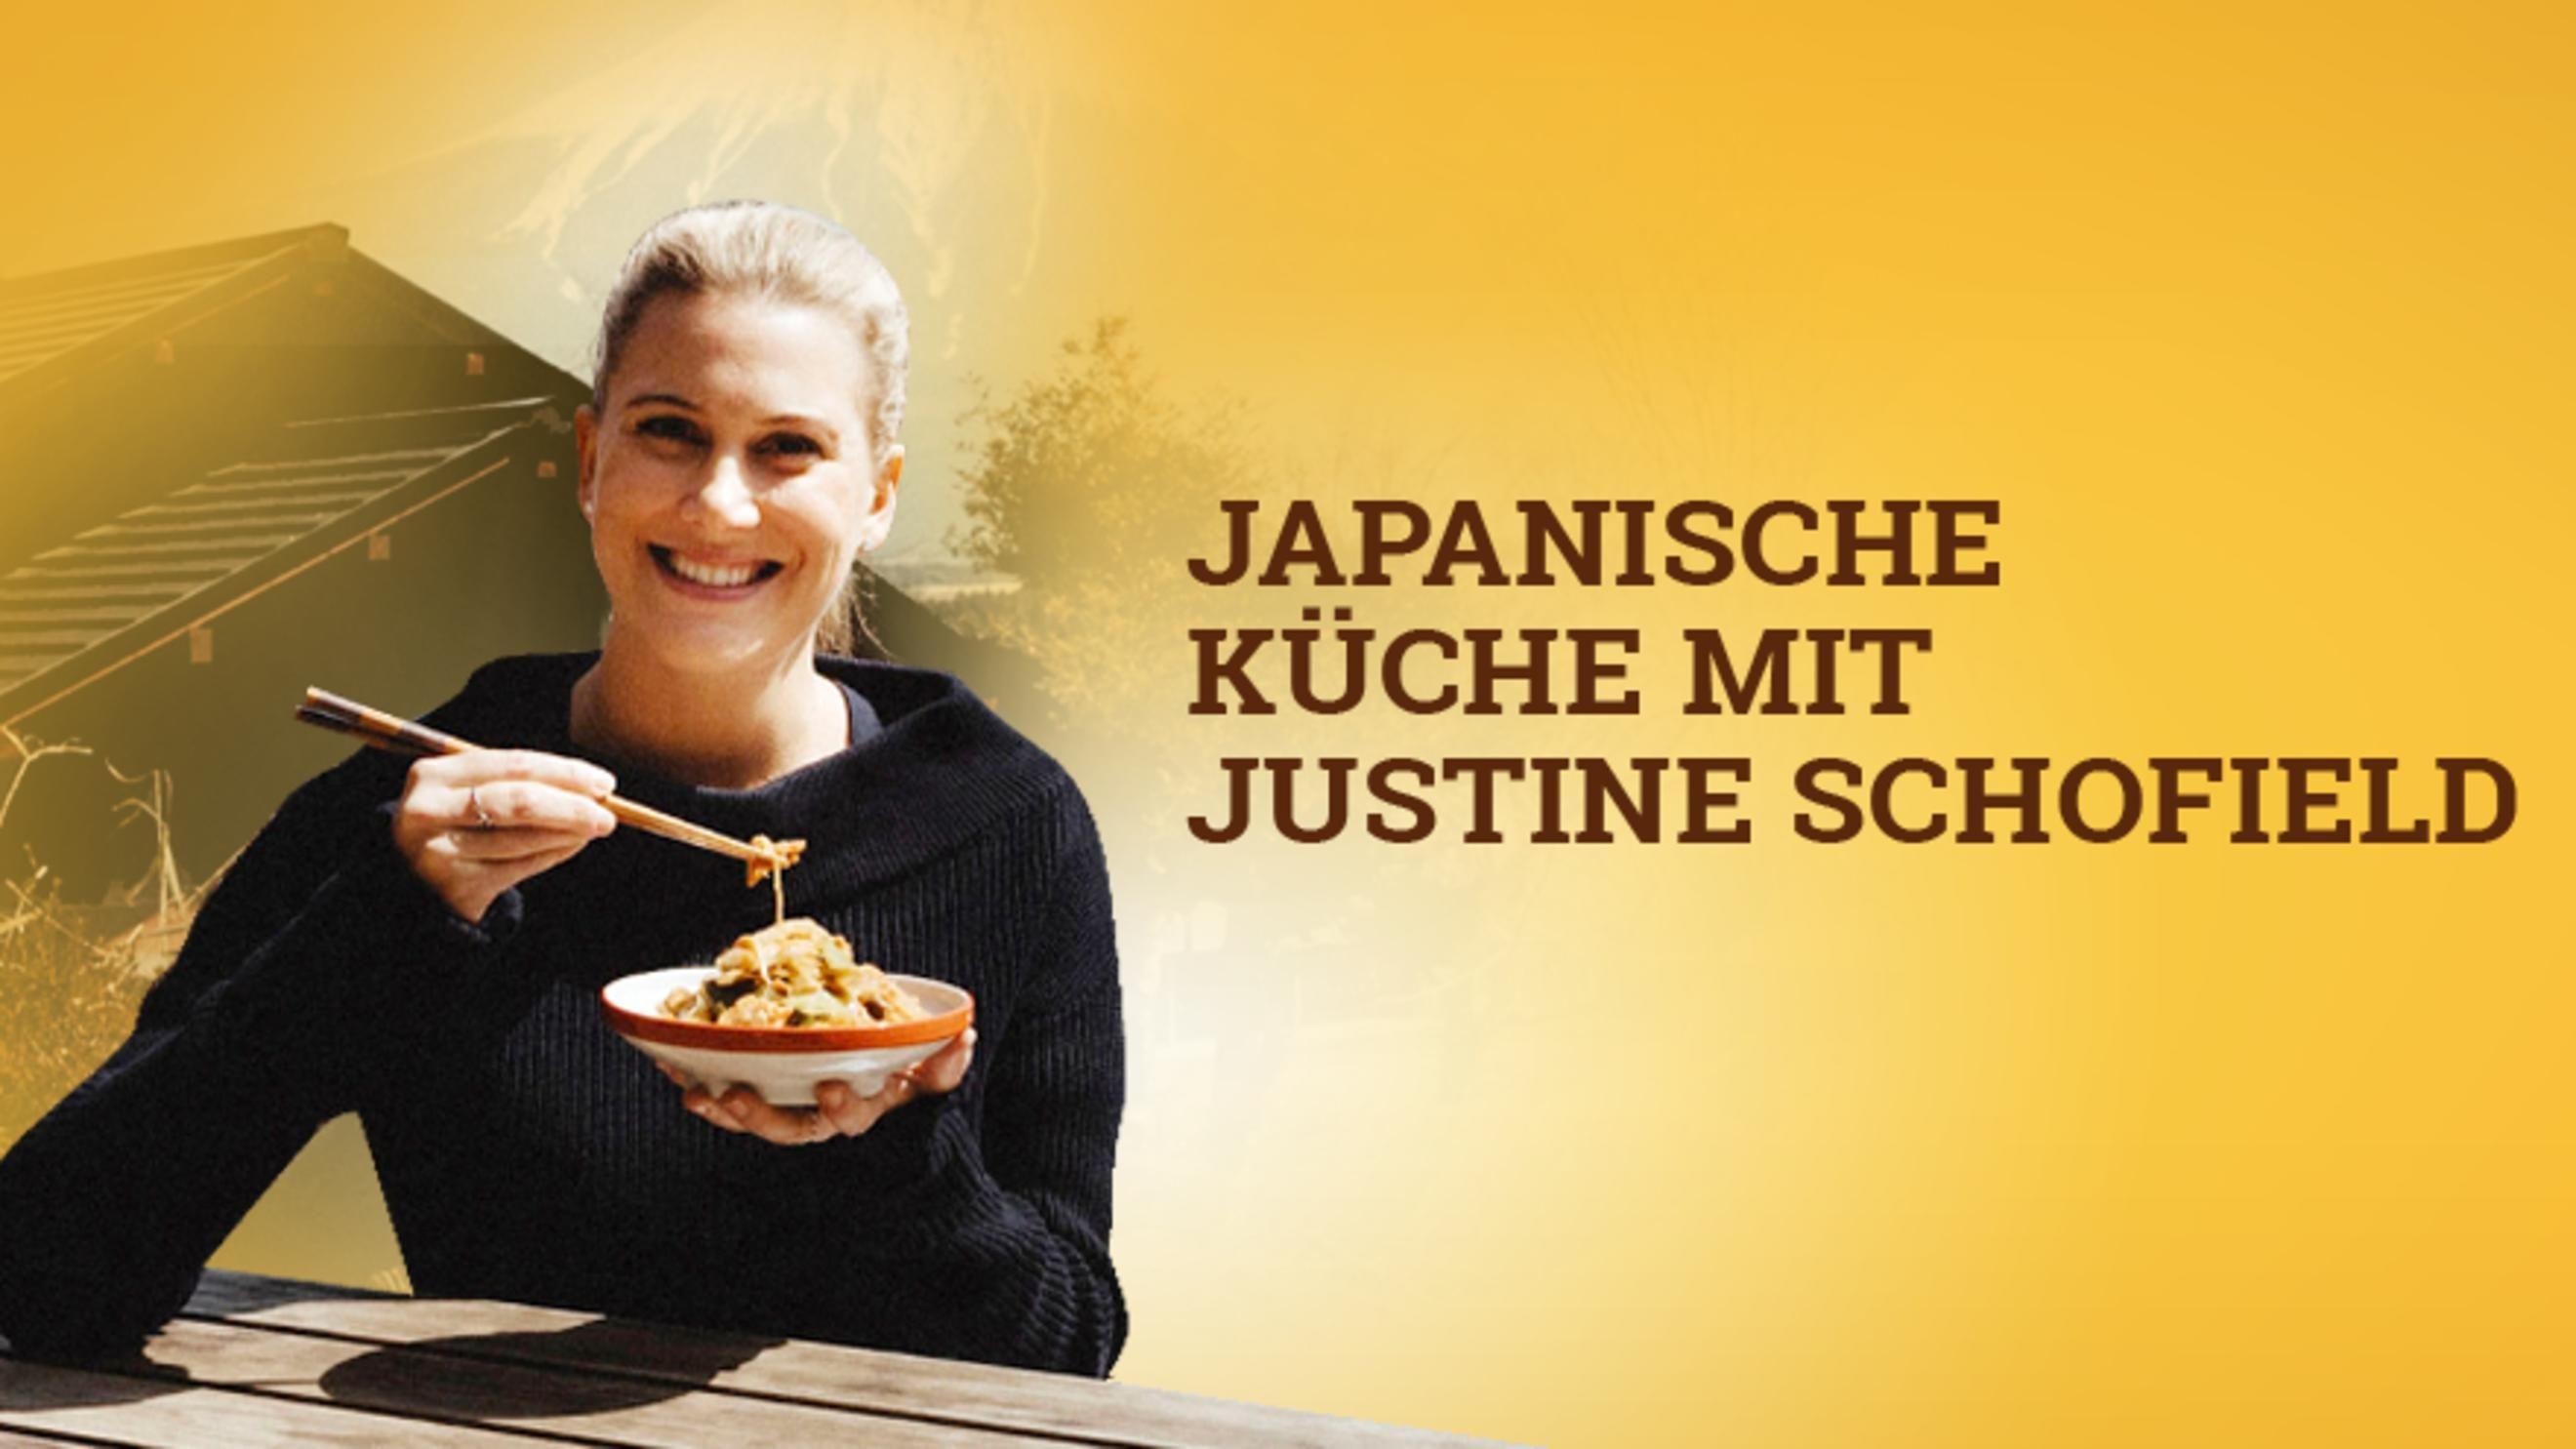 Japanische Kuche Mit Justine Schofield Rtl Living In 2020 Japanische Rezepte Japanische Kuche Sesamdressing